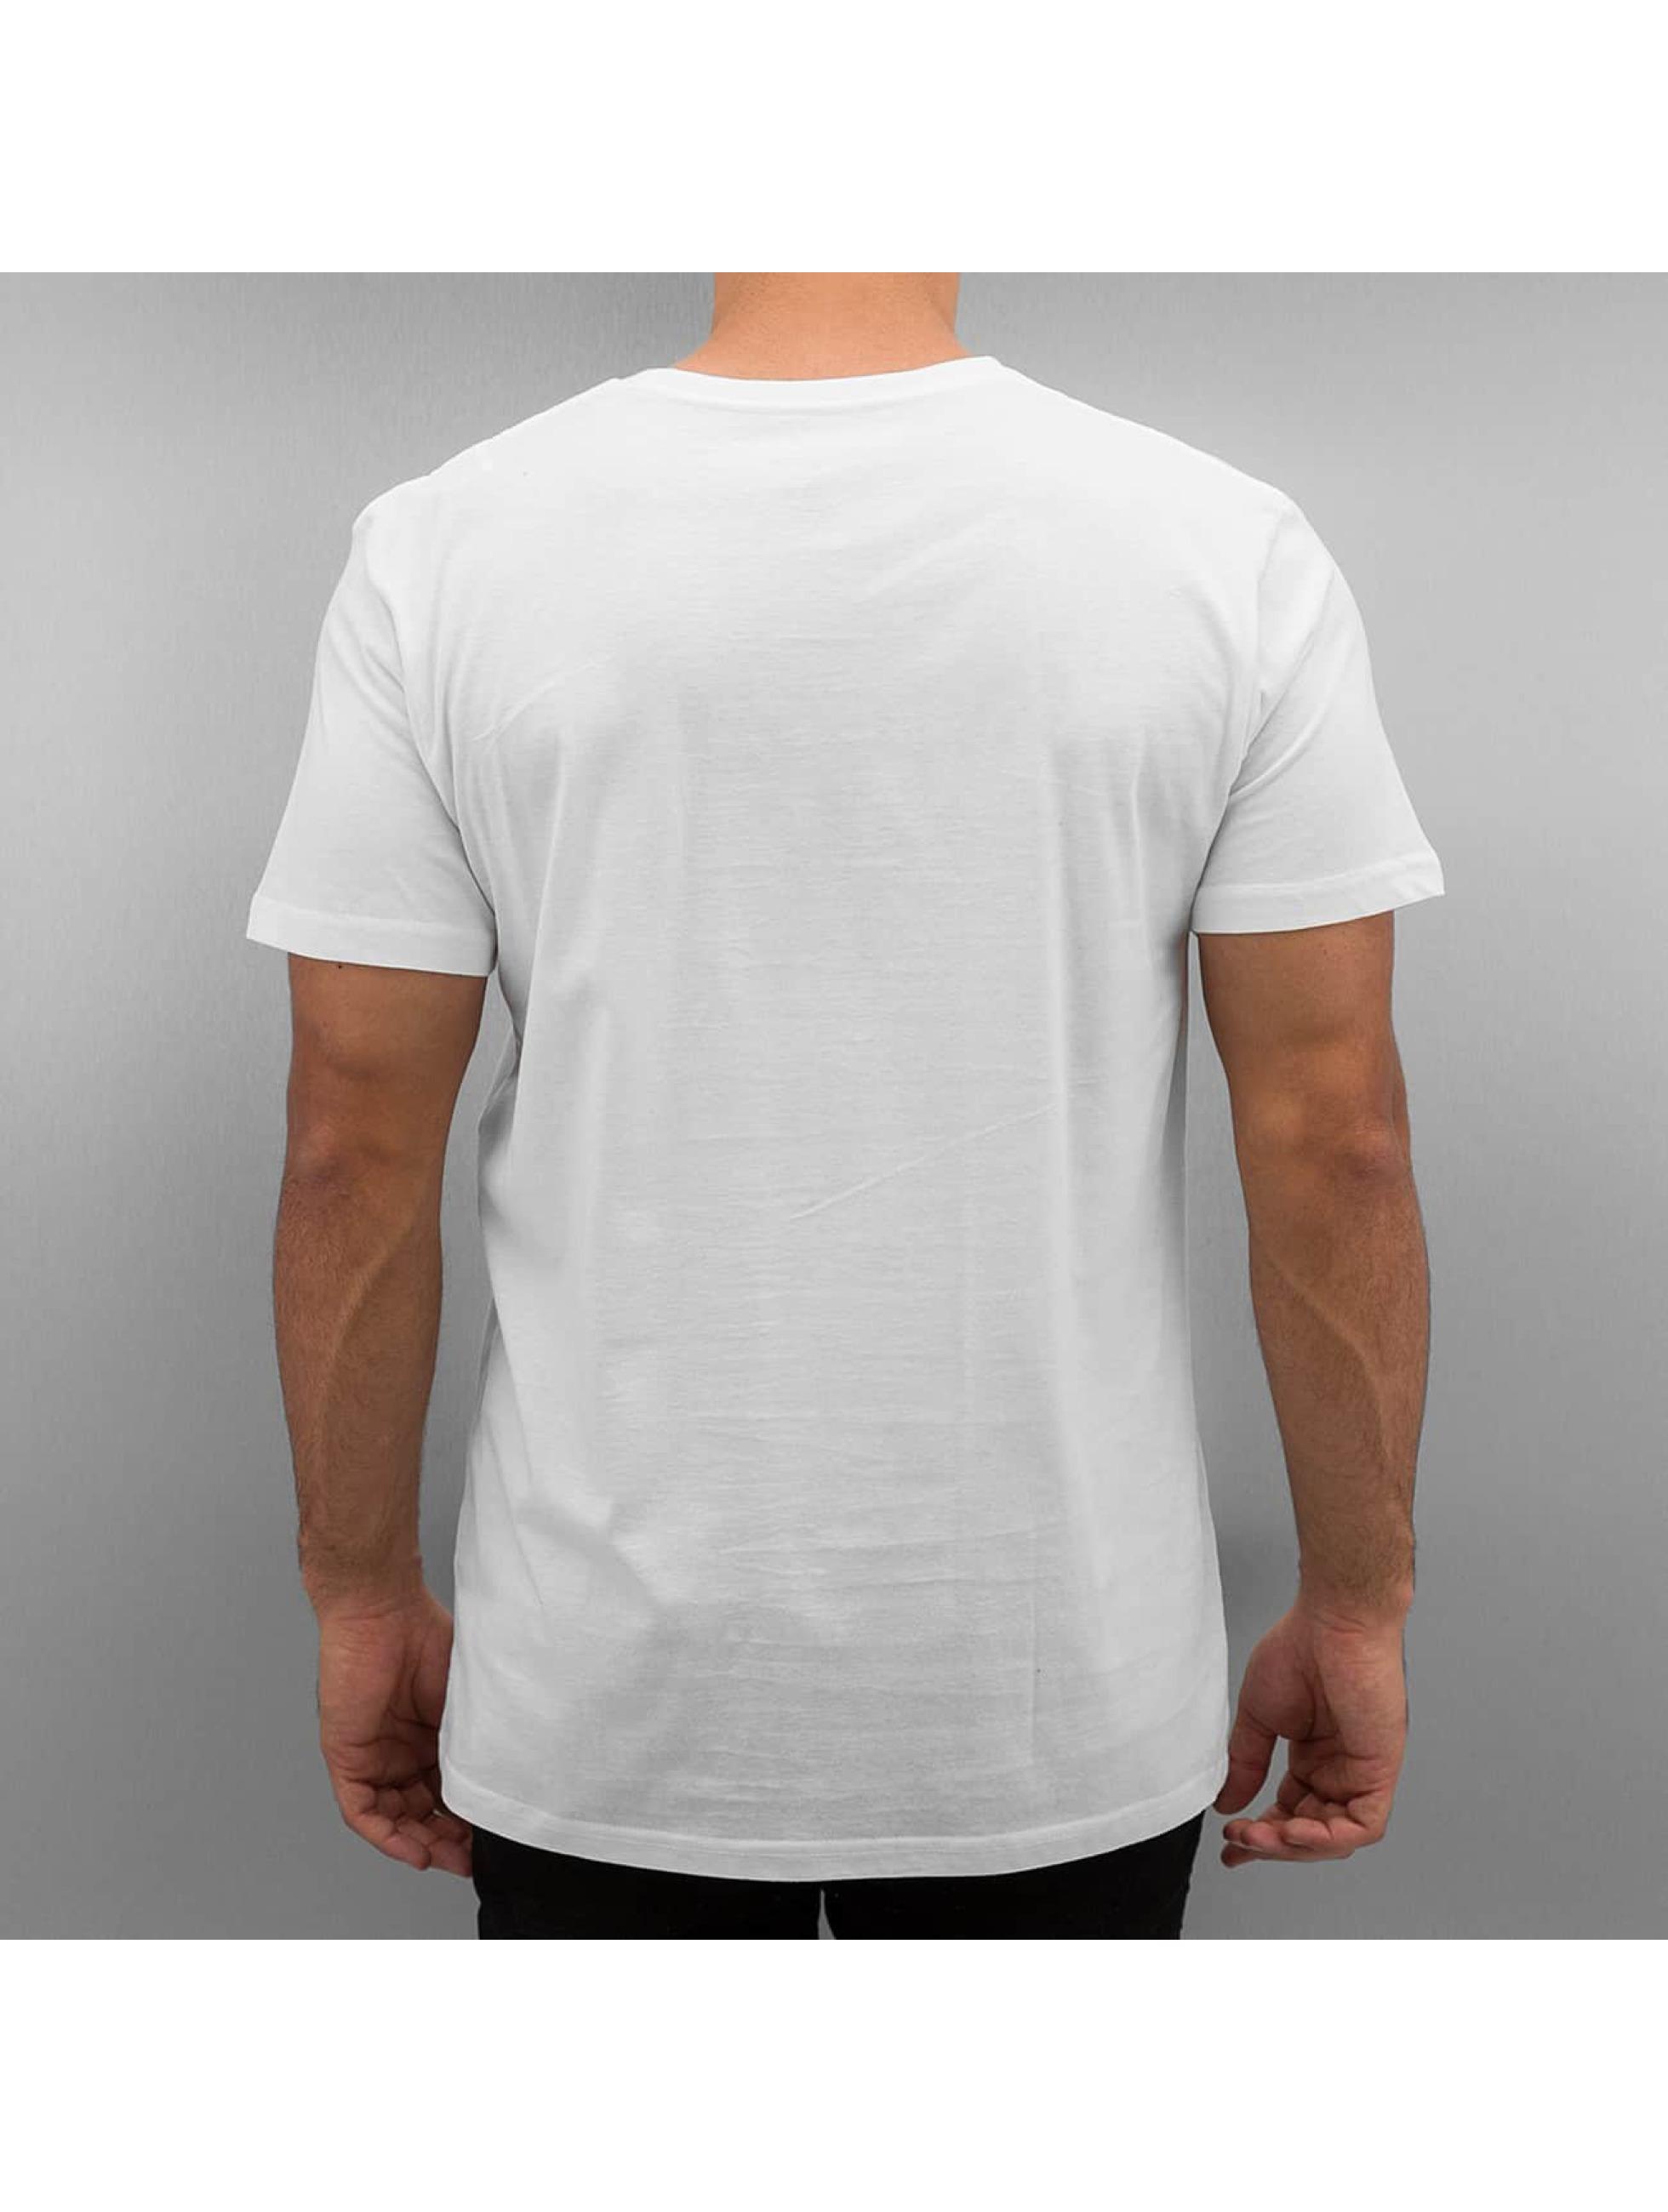 Quiksilver T-Shirt Classic Mugshot blanc